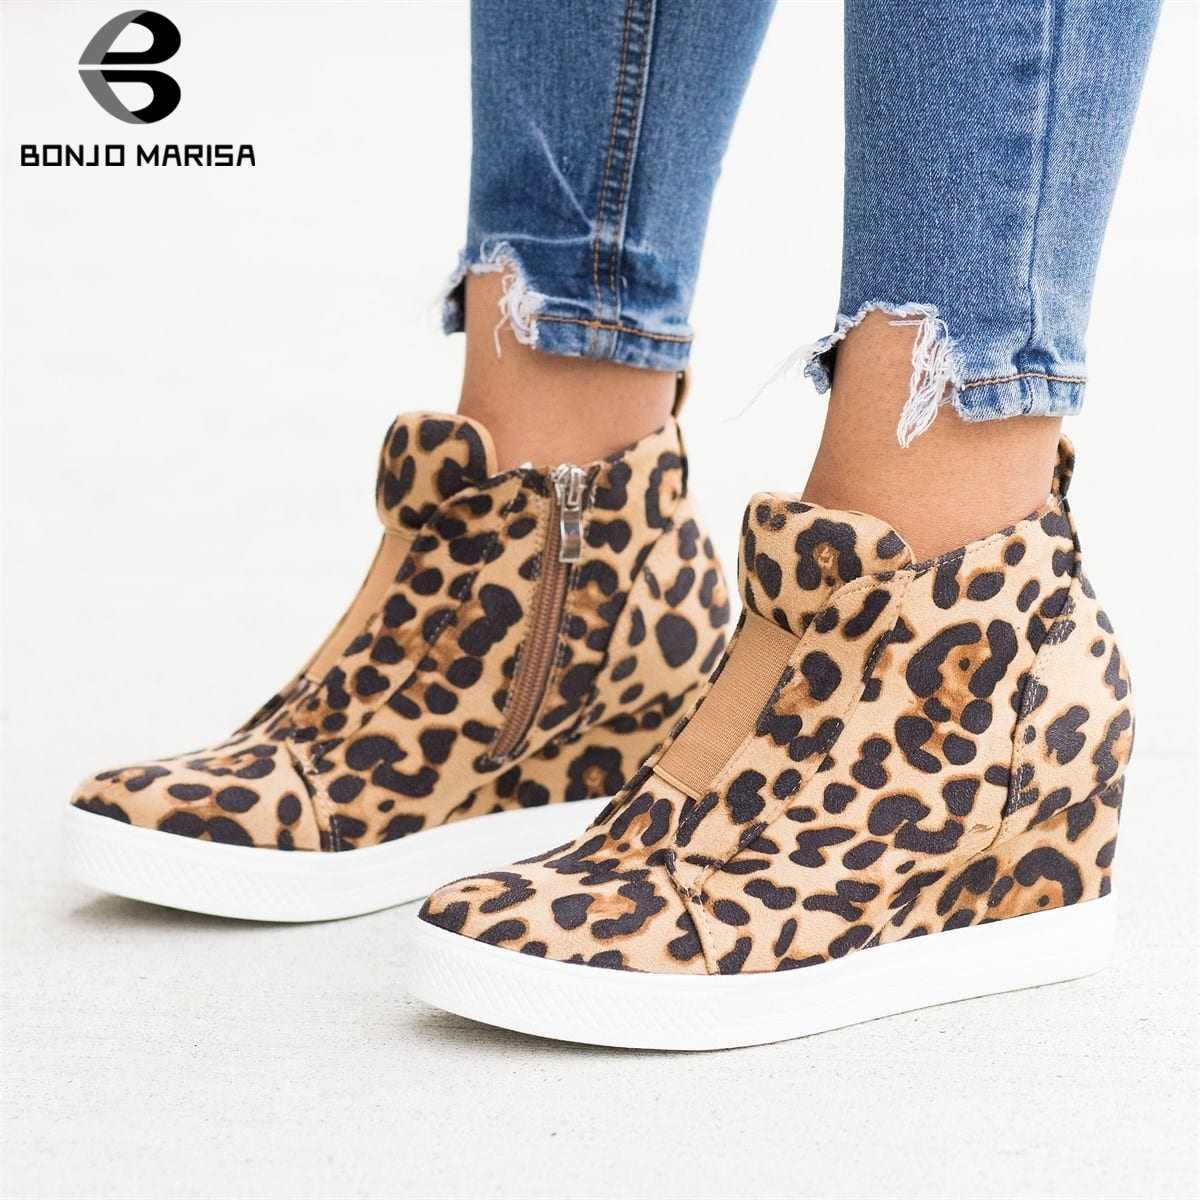 BONJOMARISA 2019 Yeni INS Sıcak Leopar Platformu Patik Kadınlar 2019 Sonbahar Moda Kadınlar Ayak Bileği Takozlar Çizmeler Ayakkabı Kadın 35- 43